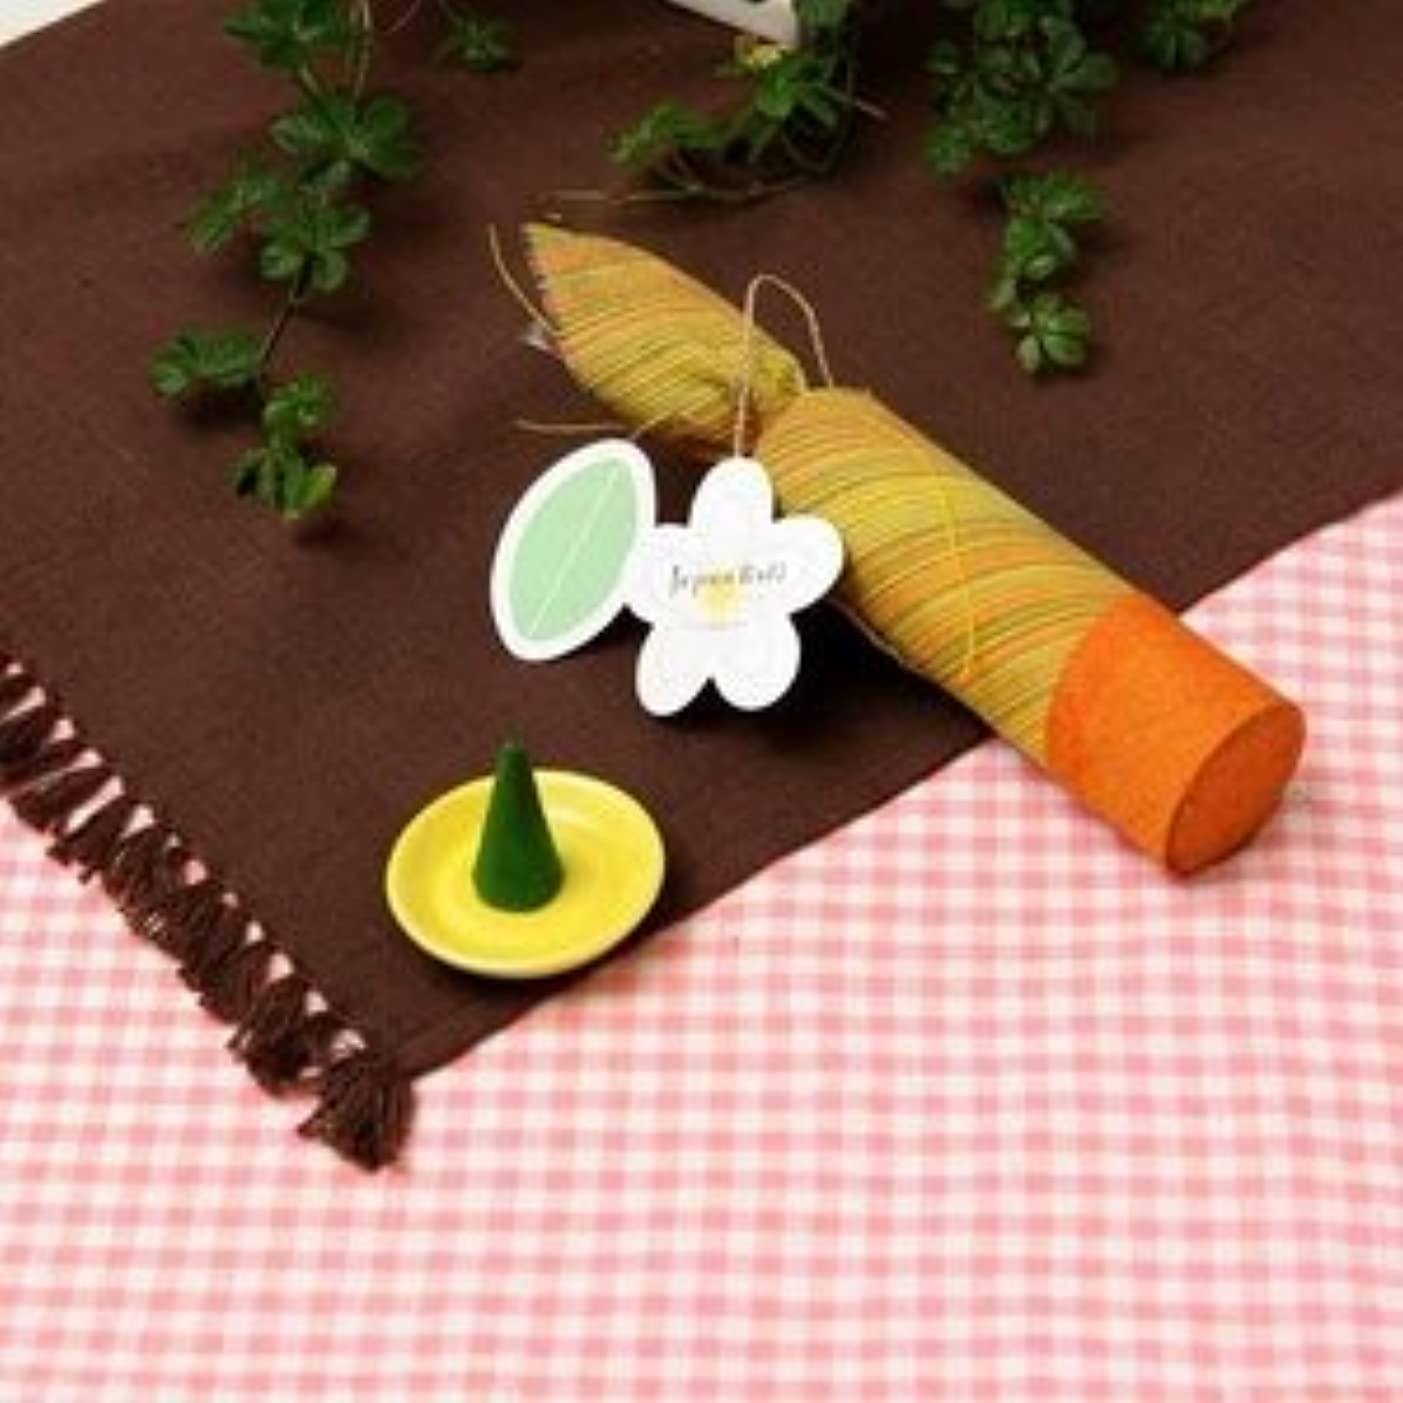 優勢同一の通行料金Jupen Bari(ジュプン バリ) フランジパニ(バリの儀式に無くてはならない信仰の花)